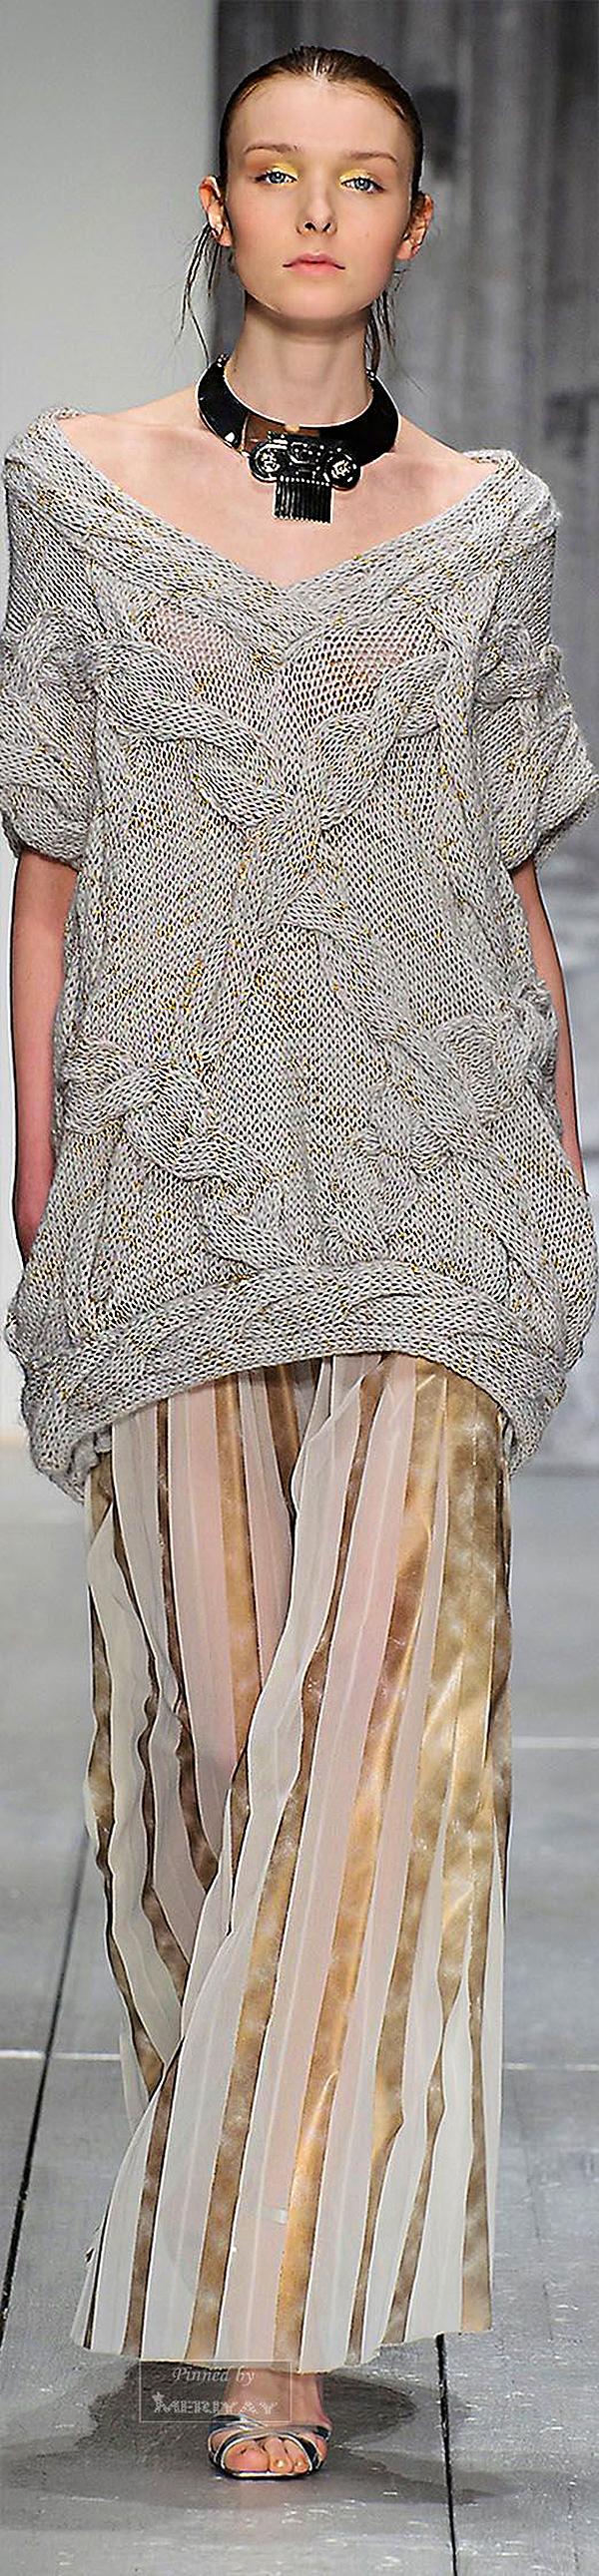 Тёплые фантазии вязаной моды  55 экстравагантных и эффектных нарядов ... fbd59c3e9de3c